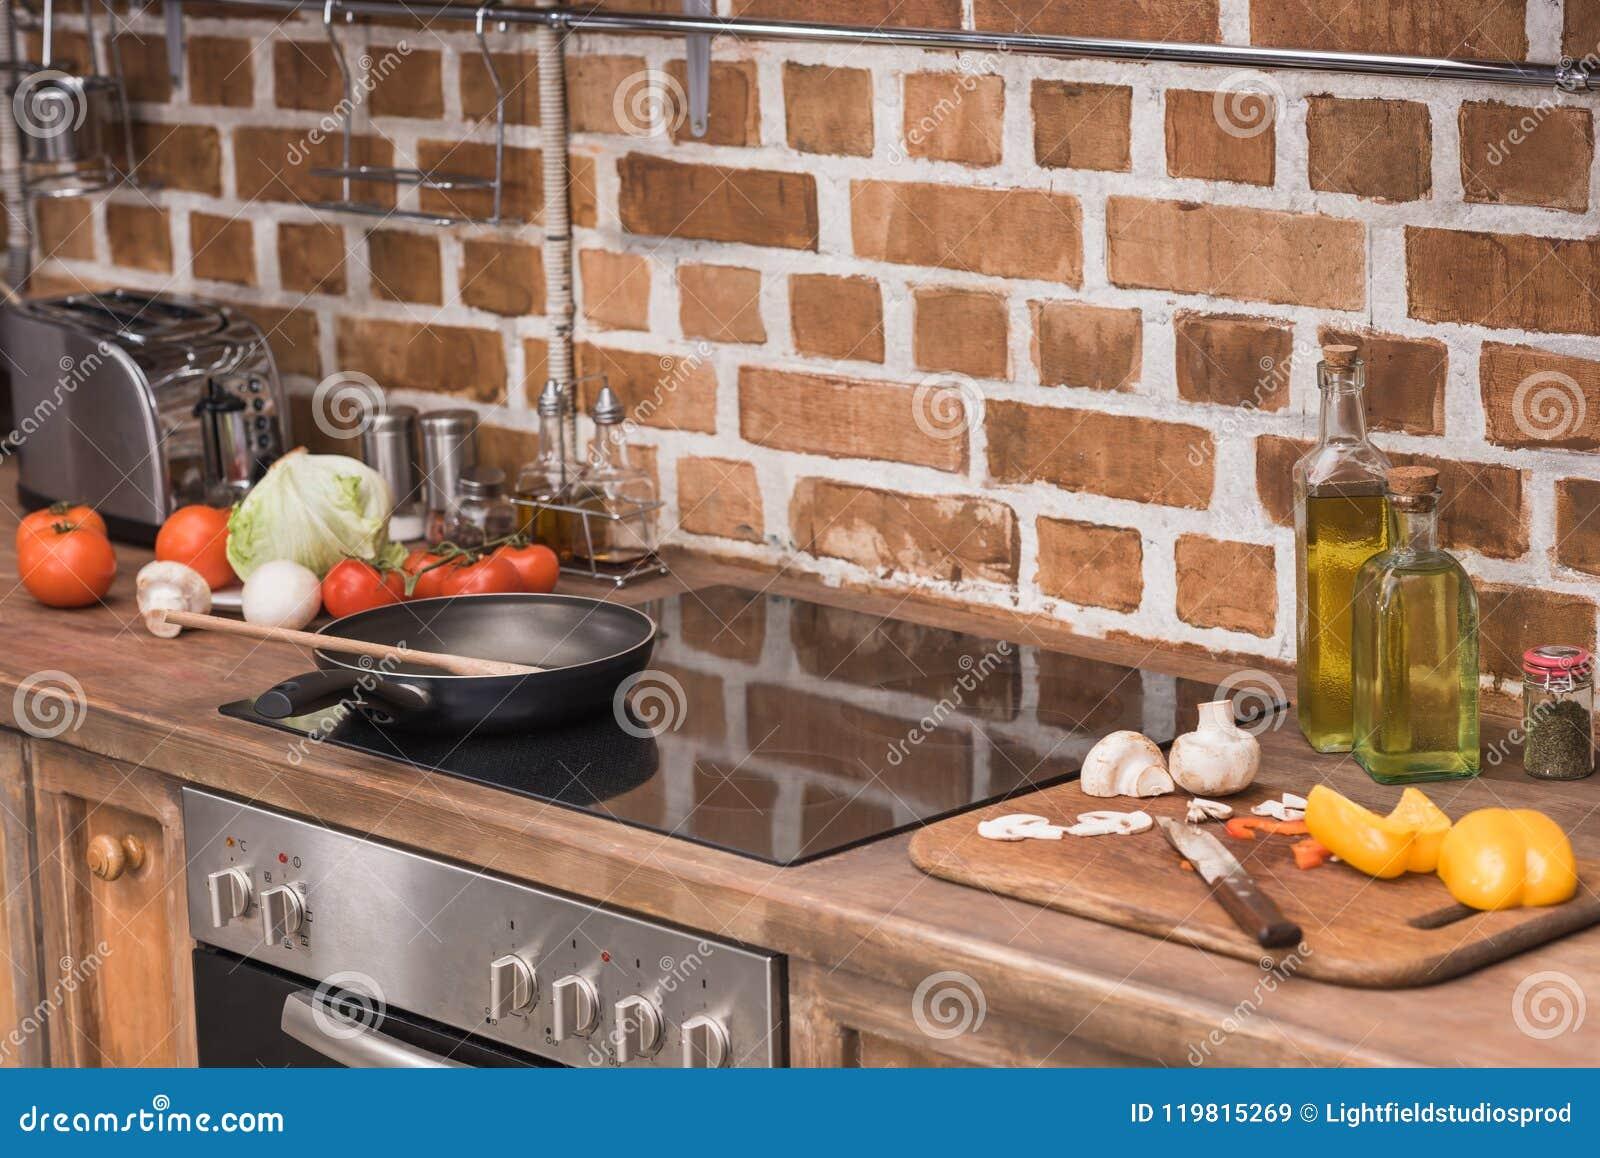 煎锅和木小铲在火炉